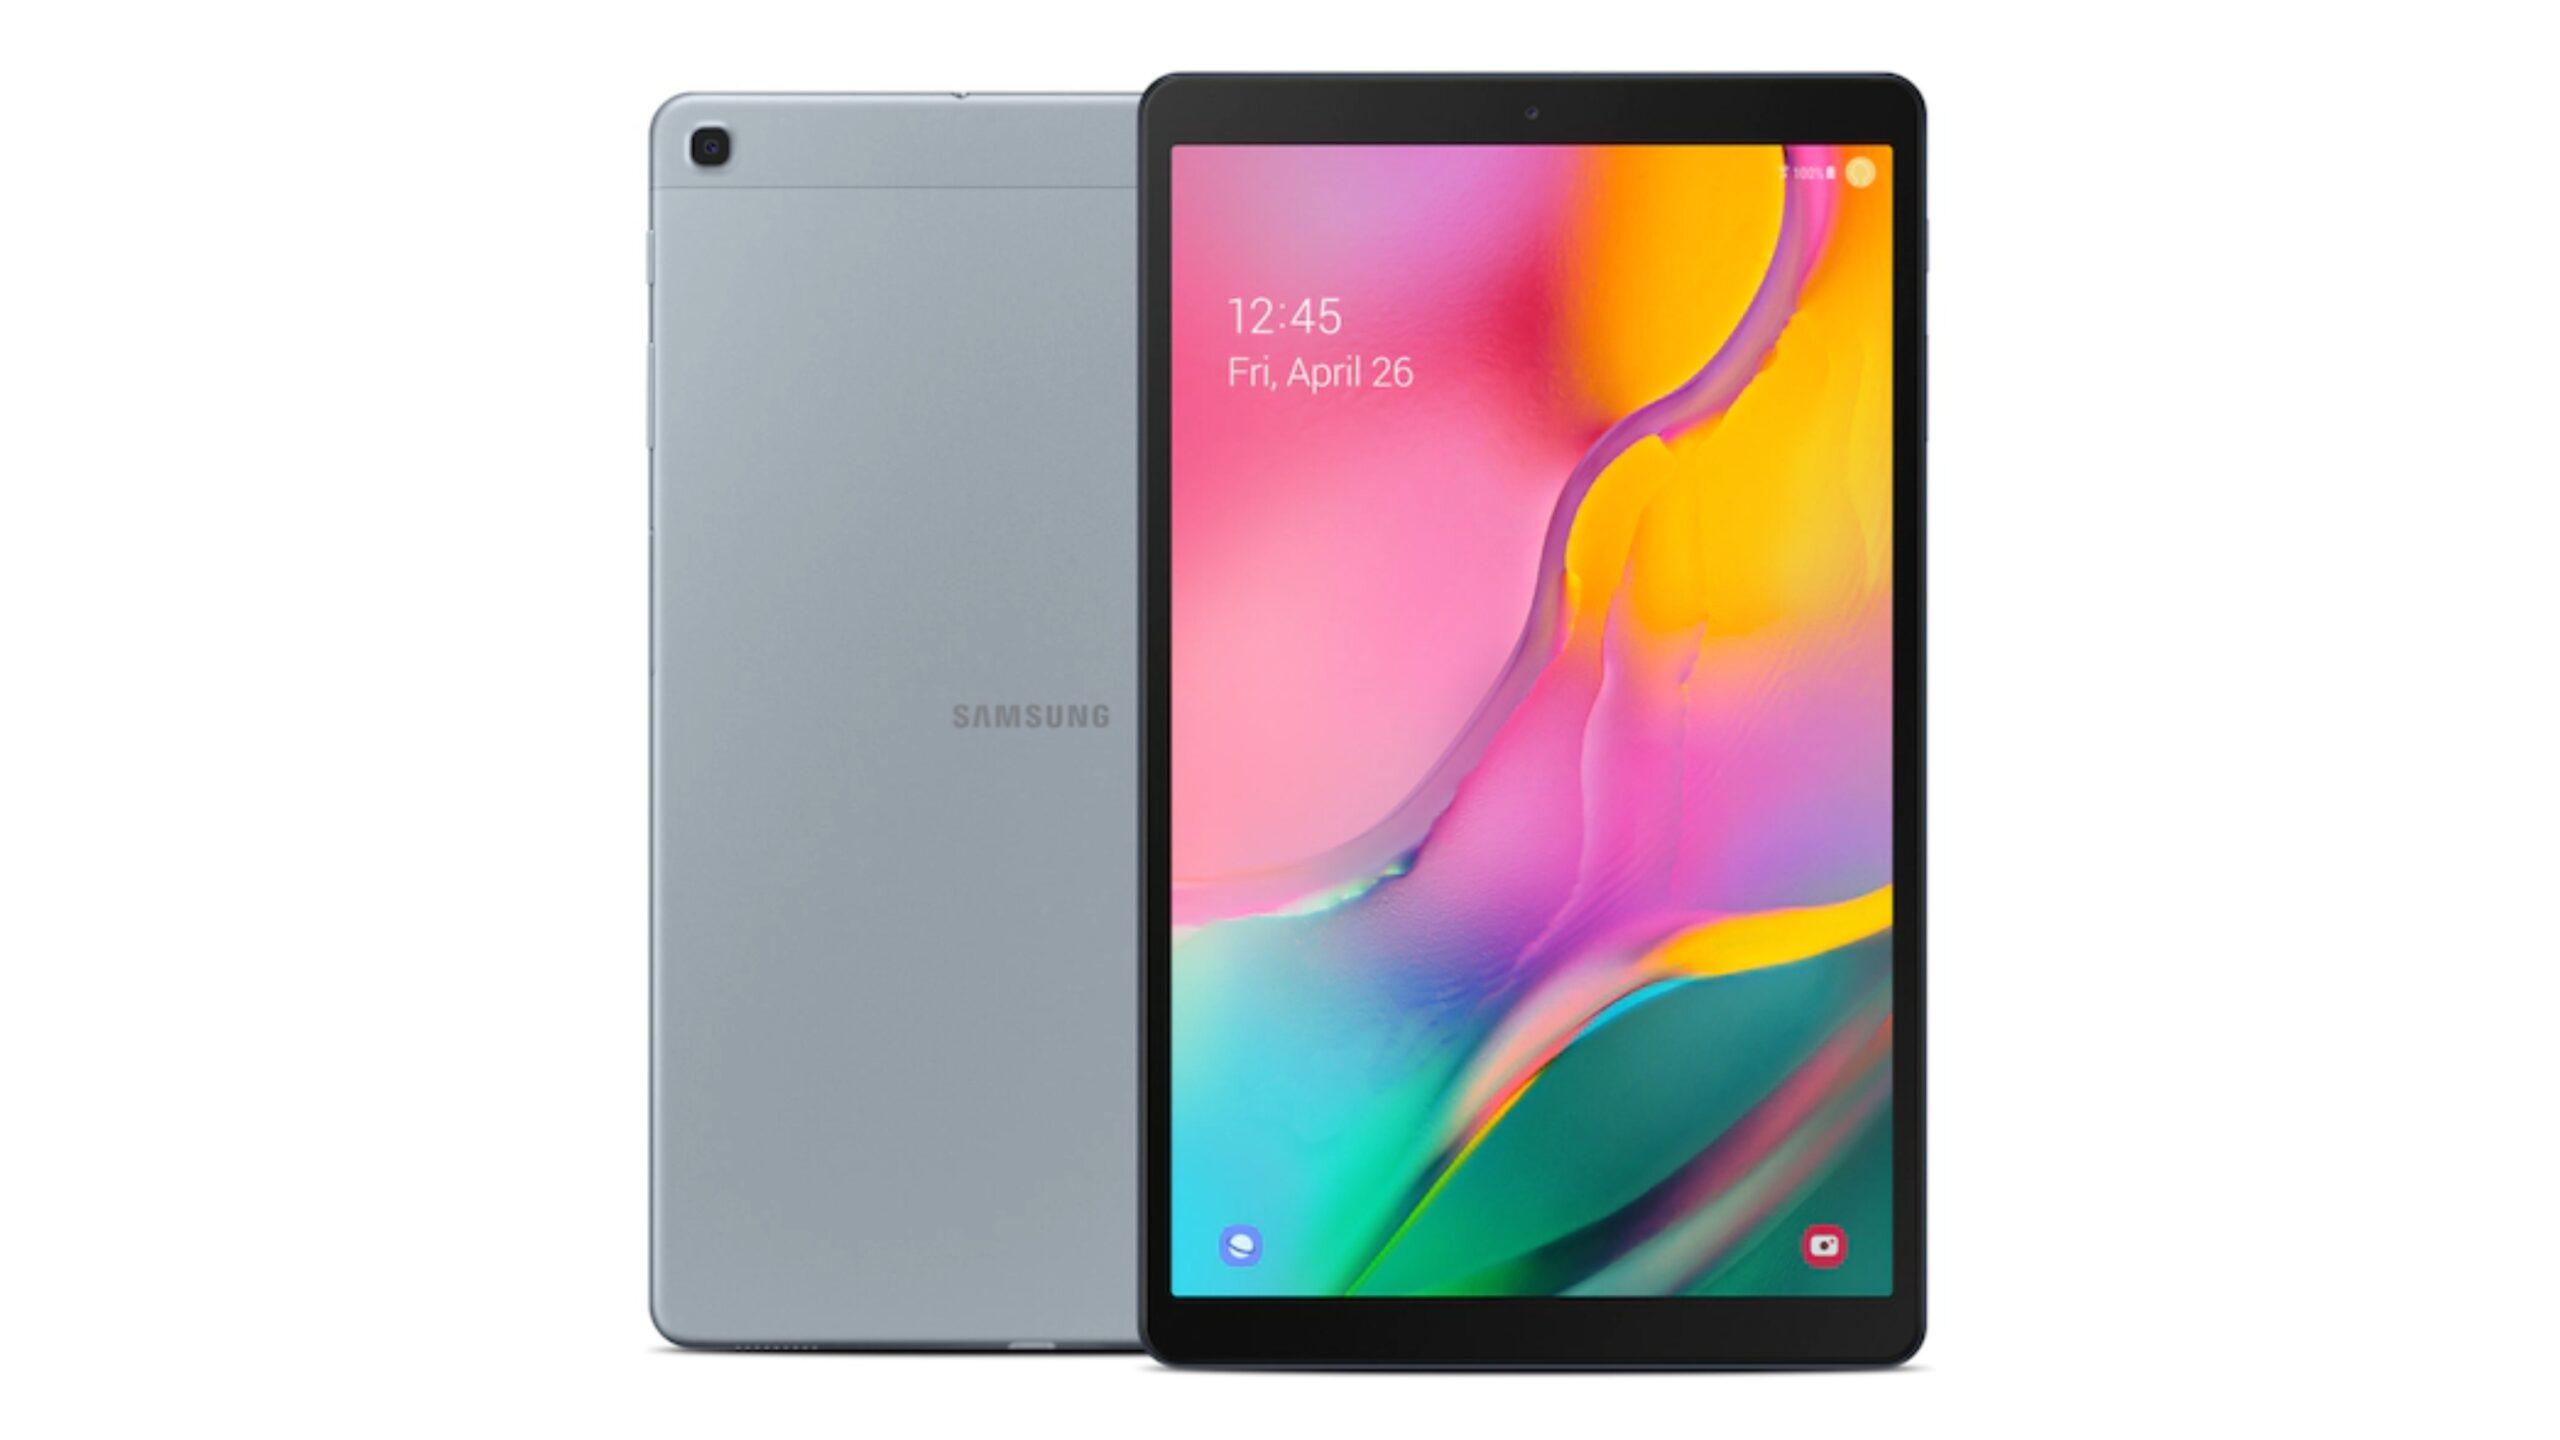 Samsung Galaxy Tab A 10.1 получает обновление Android 11